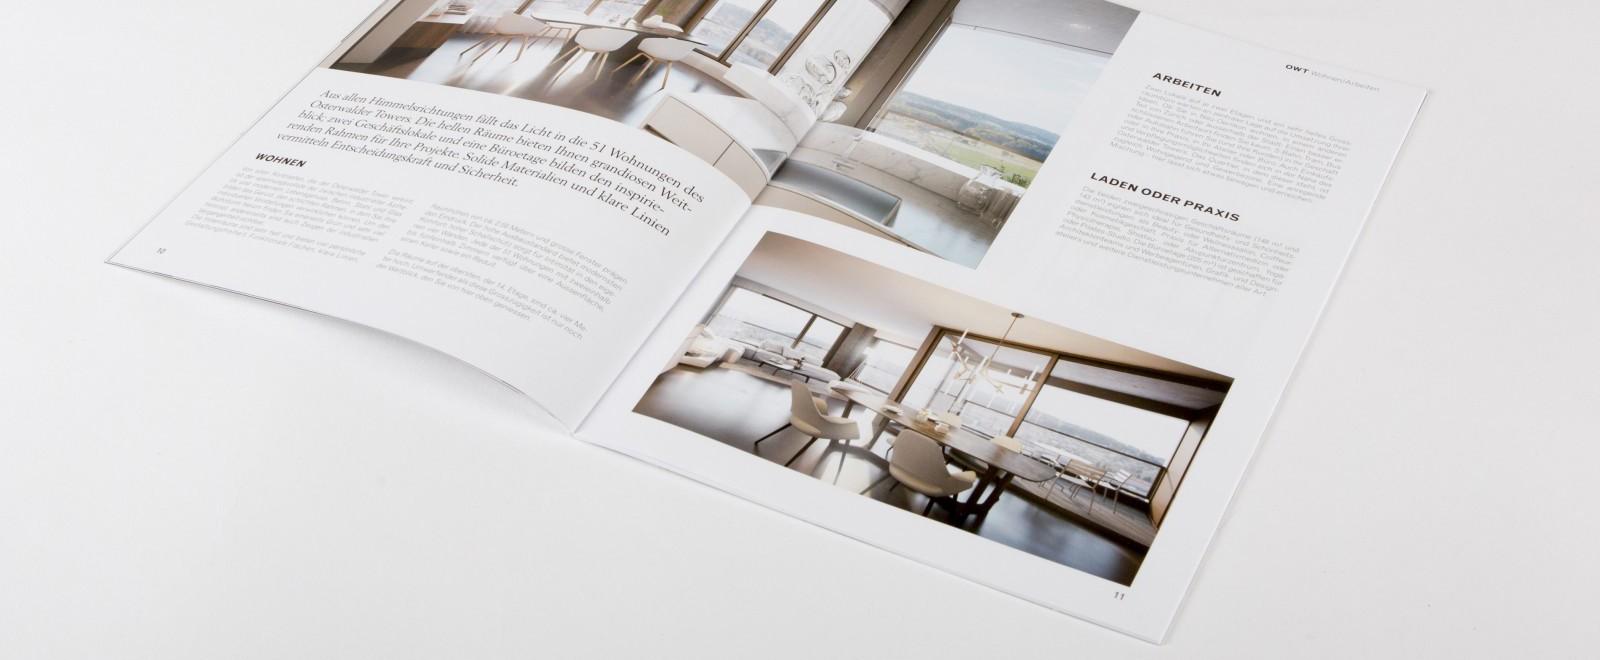 Dyer Smith Frey Interior Branding Zurich osterwalder tower dyer smith frey interior branding zurich